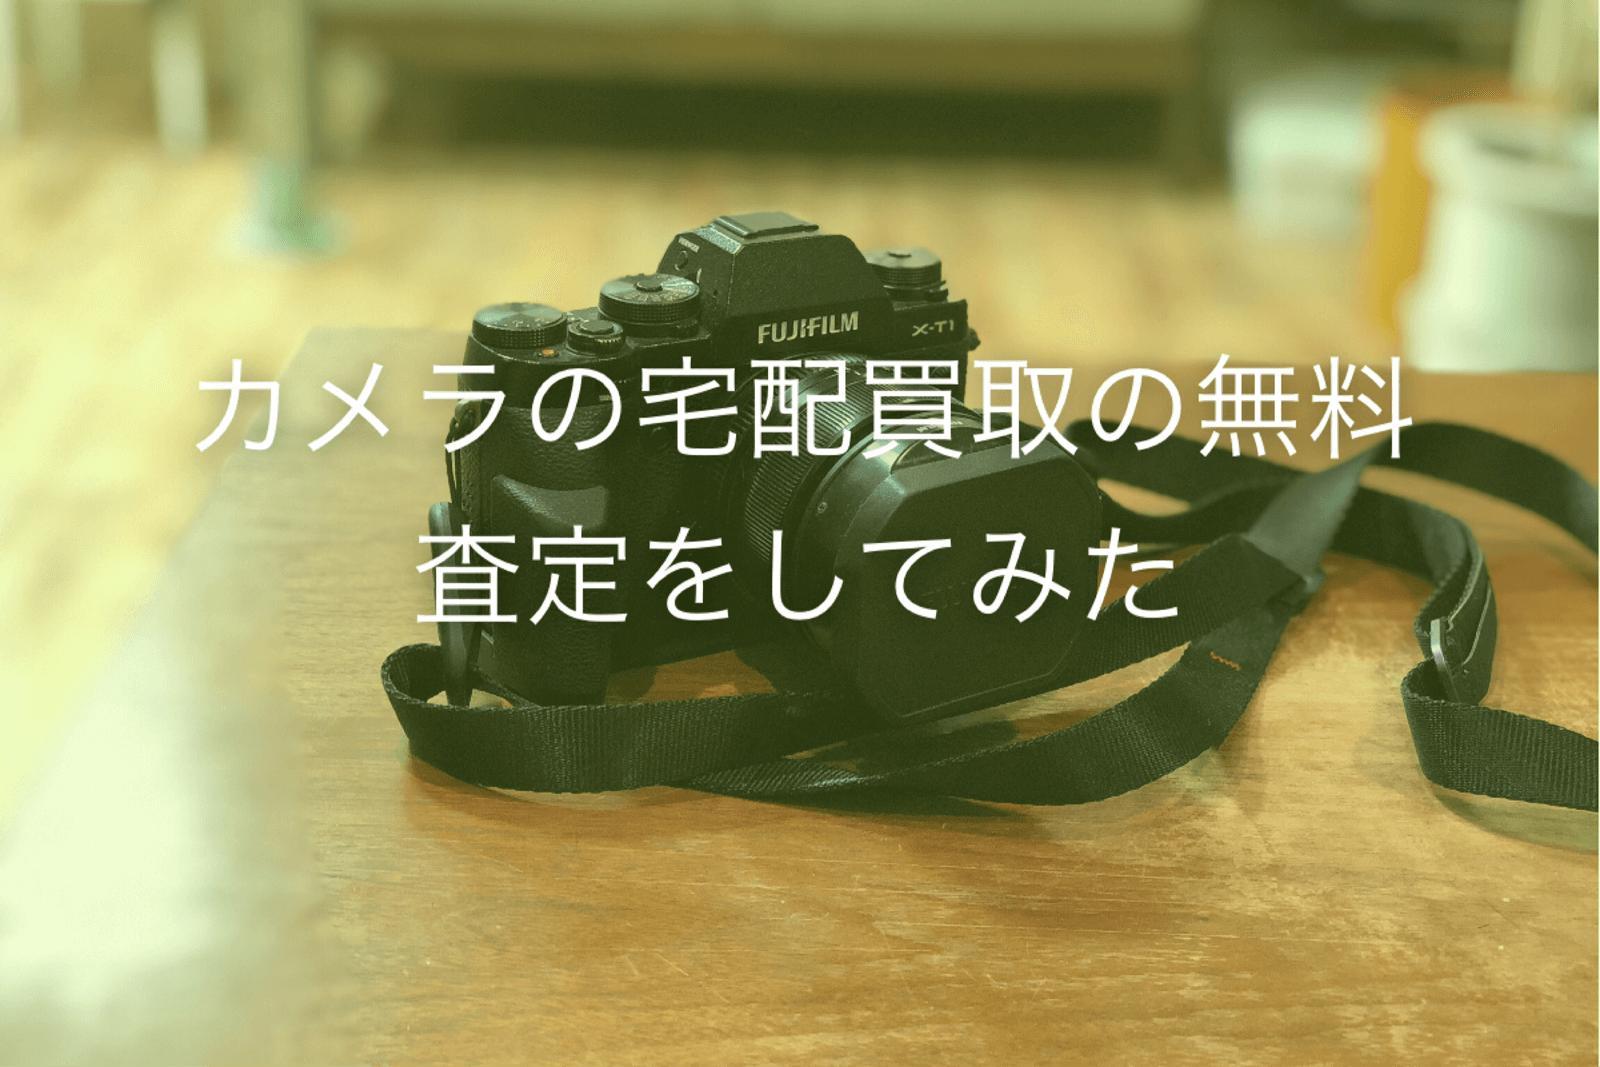 新しいカメラを買うためにカメラを高く売りたい!ネットでカメラ買取アローズの無料査定を試してみた